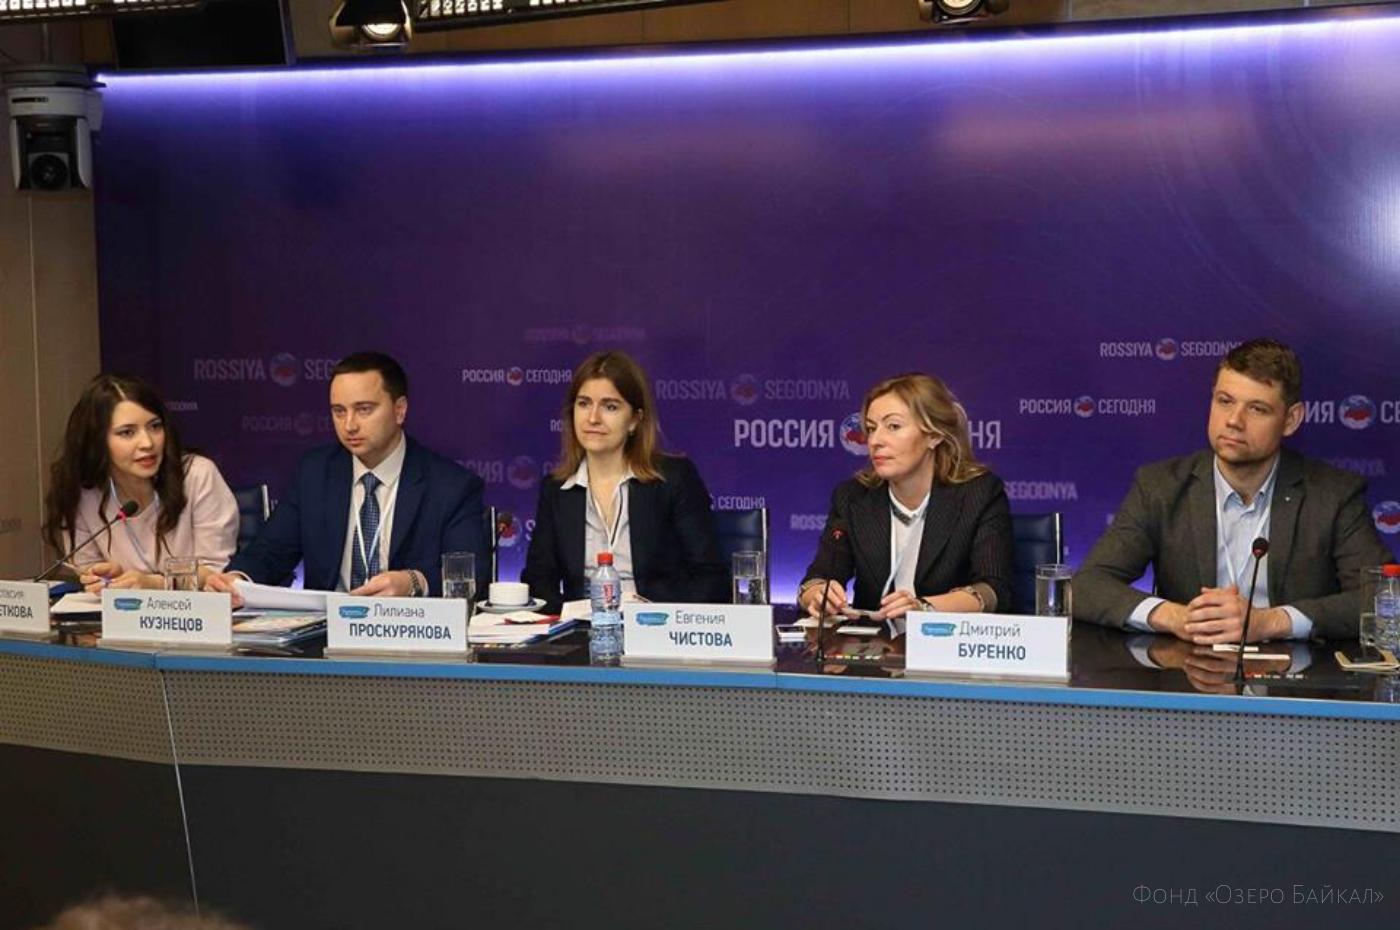 Фонд «Озеро Байкал» выступил модератором дискуссии по экологическому волонтерству на Пятом московском международном форуме «Корпоративное волонтерство: бизнес и общество»